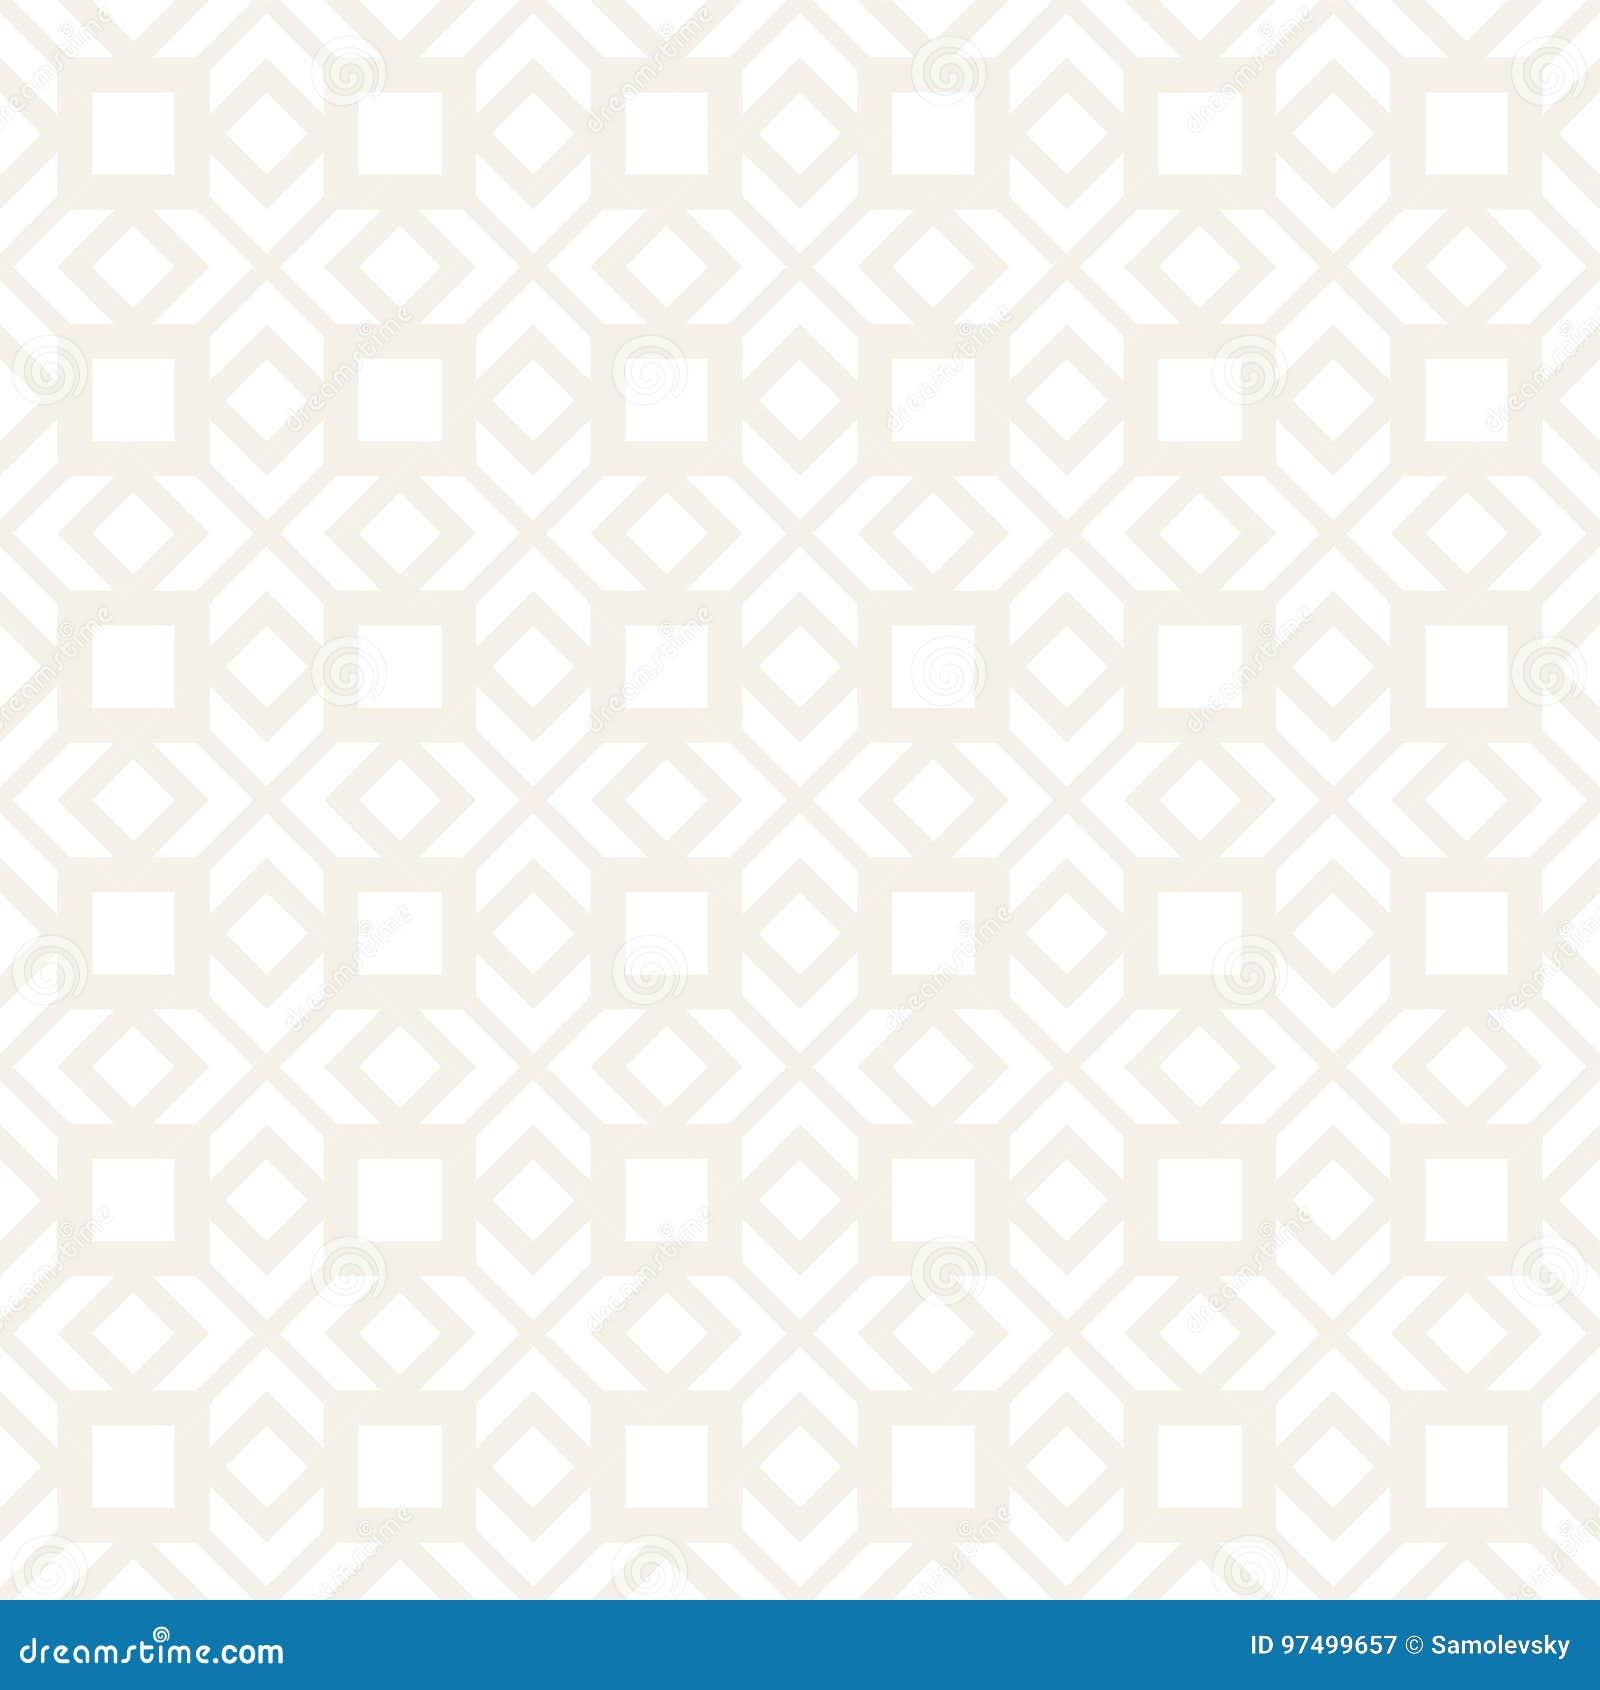 Linee geometriche astratte modello della grata Priorità bassa senza giunte di vettore Struttura di ripetizione semplice sottile